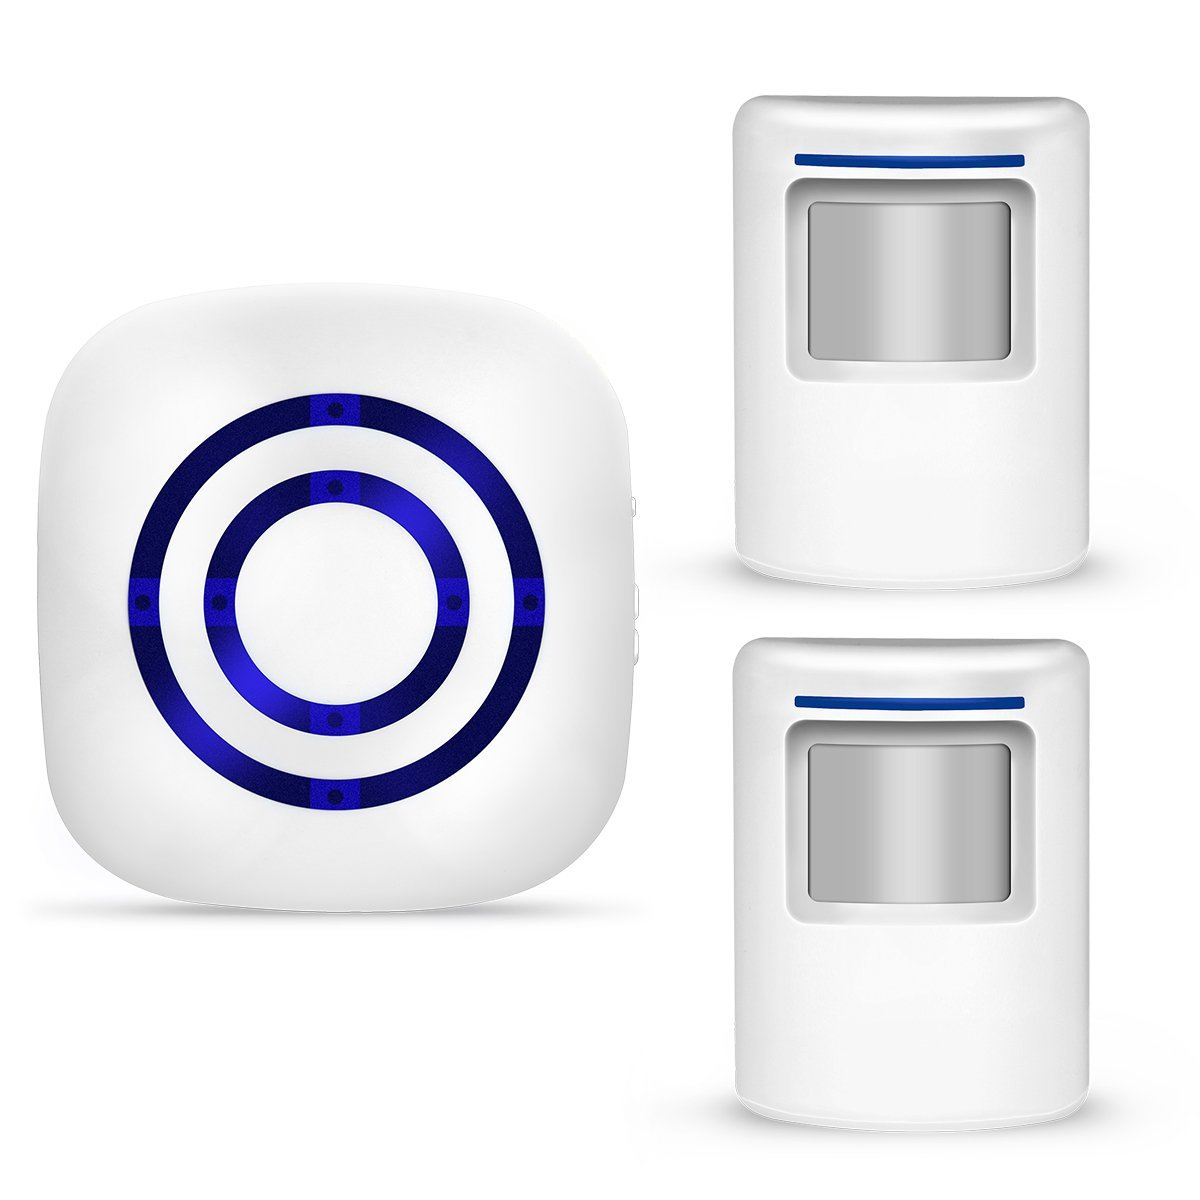 Wireless Motion Sensor Detector Gate Entry Visitor Door Bell Chime Alert Alarm Home Security Alarm US Plug ks v2 welcom chime bell sensor